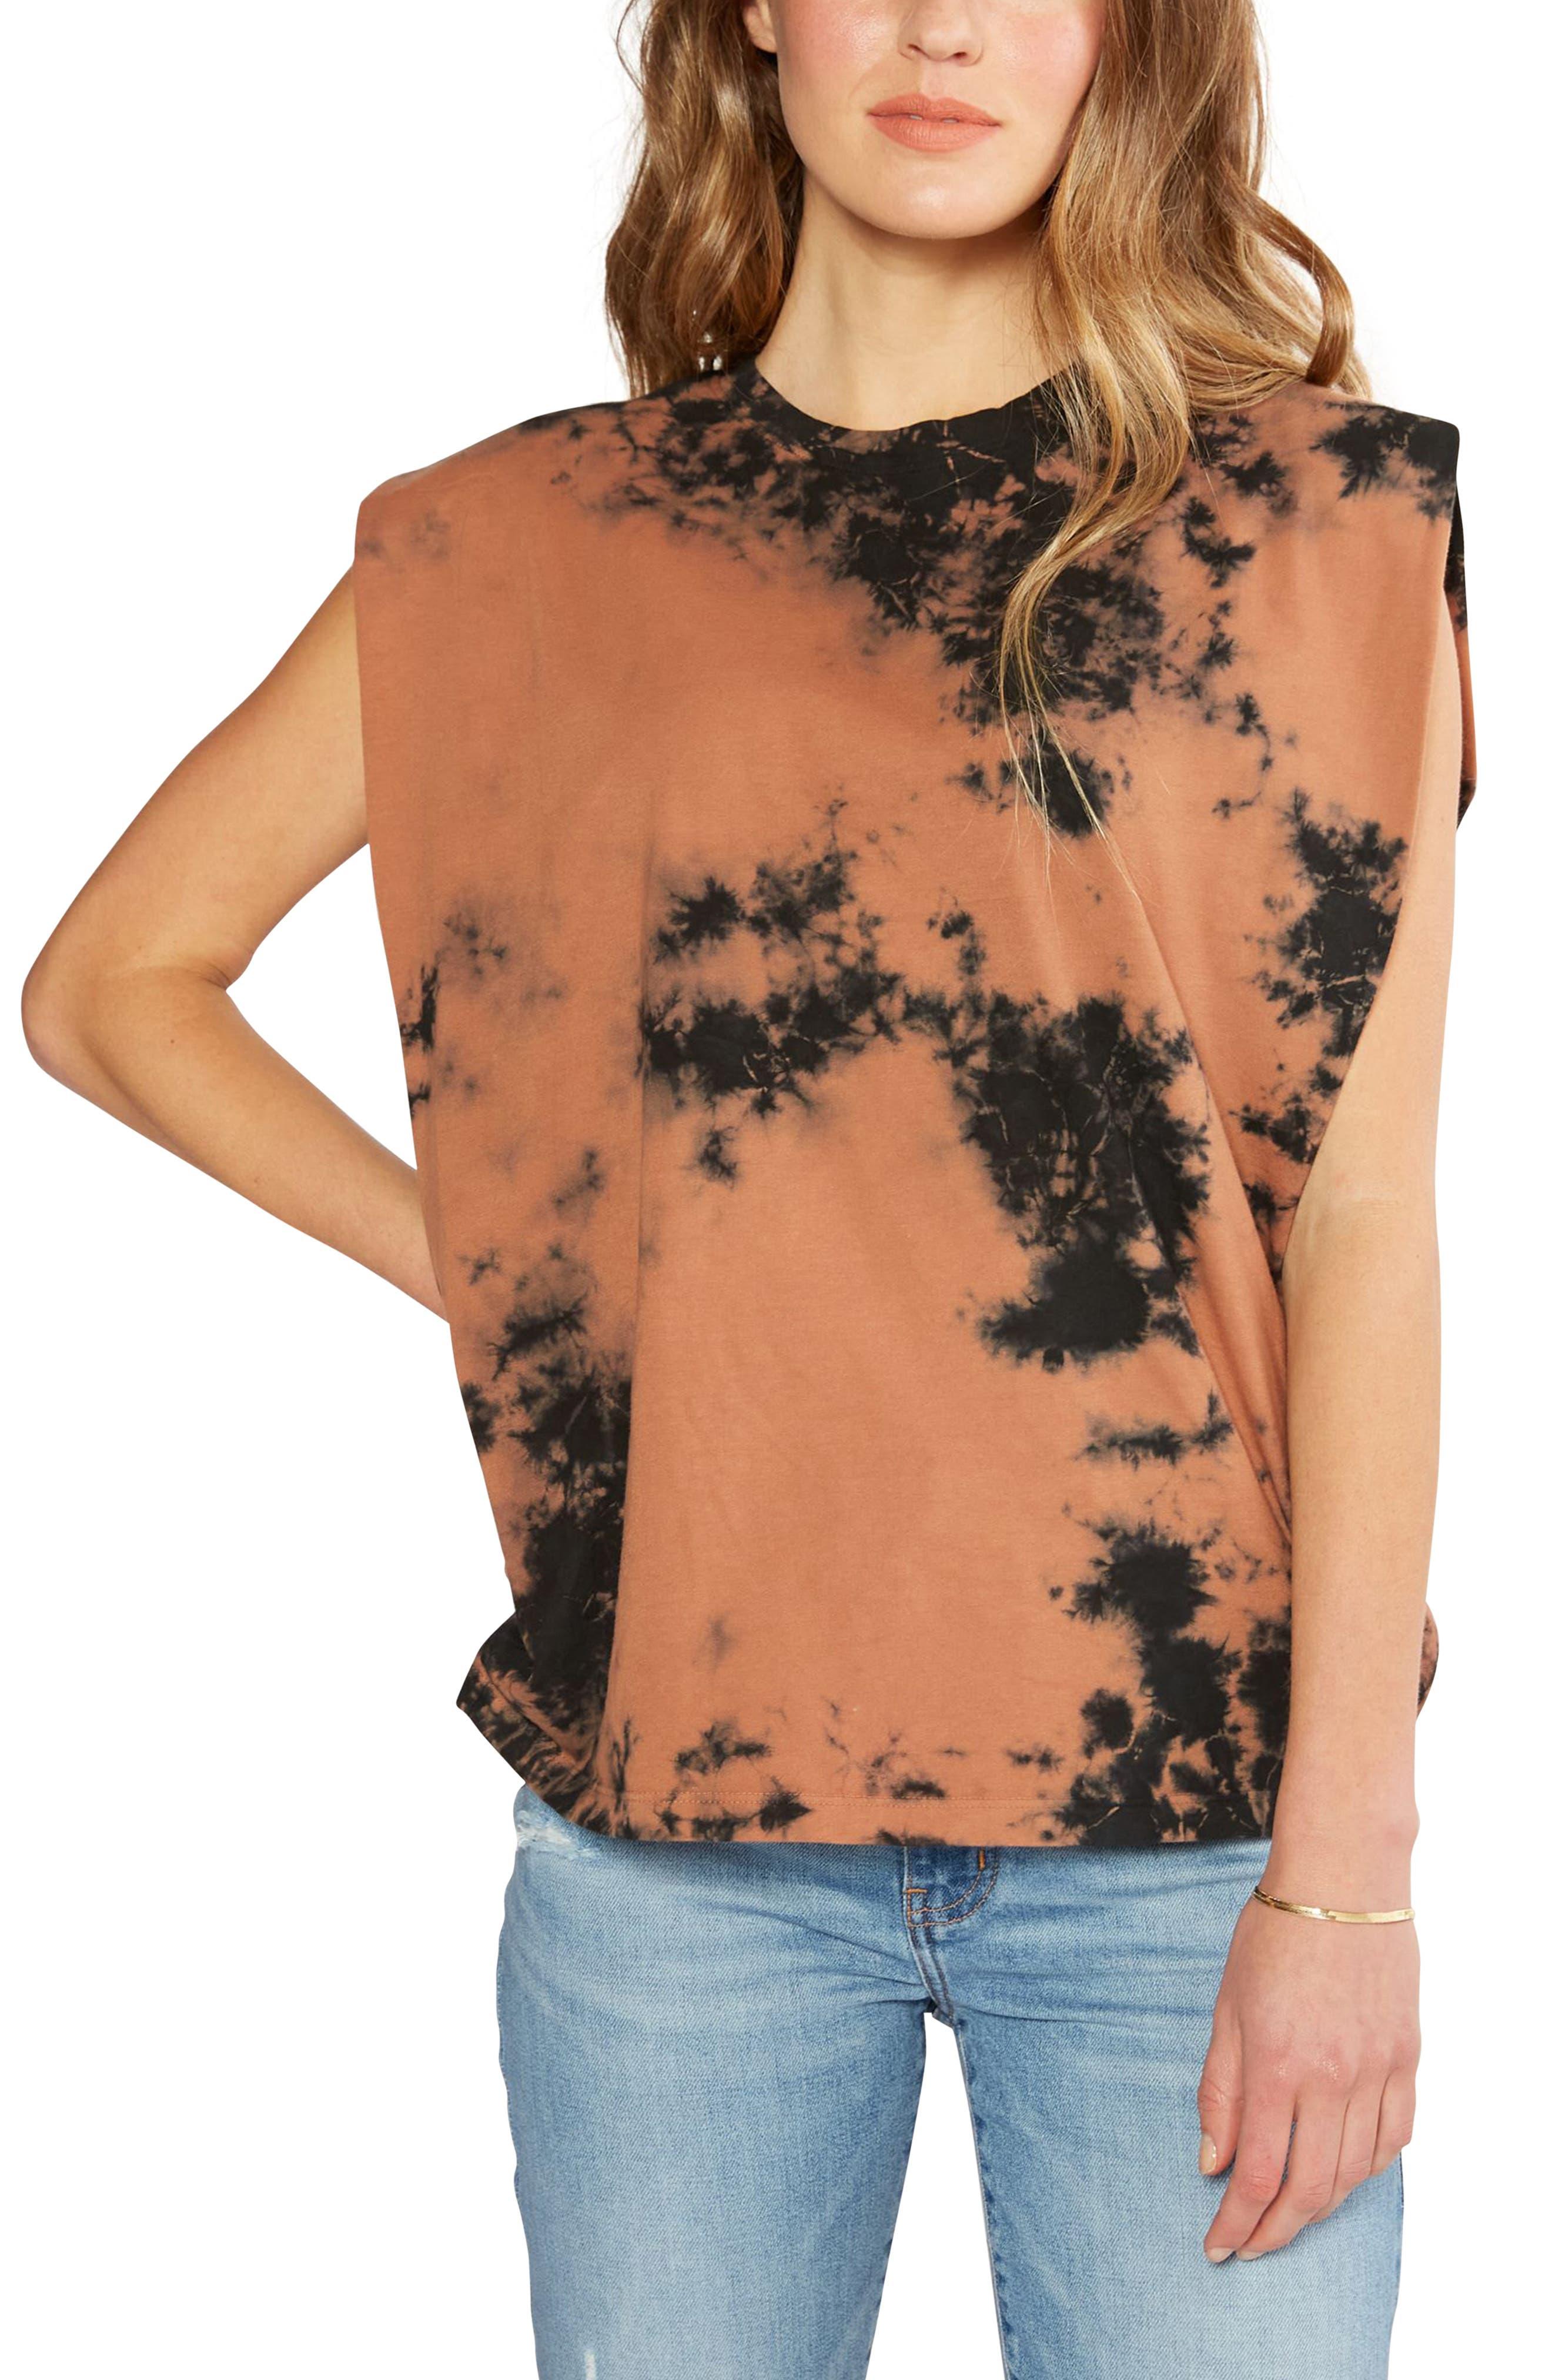 Women's Etica Anais Tie Dye Organic Cotton Muscle Tank